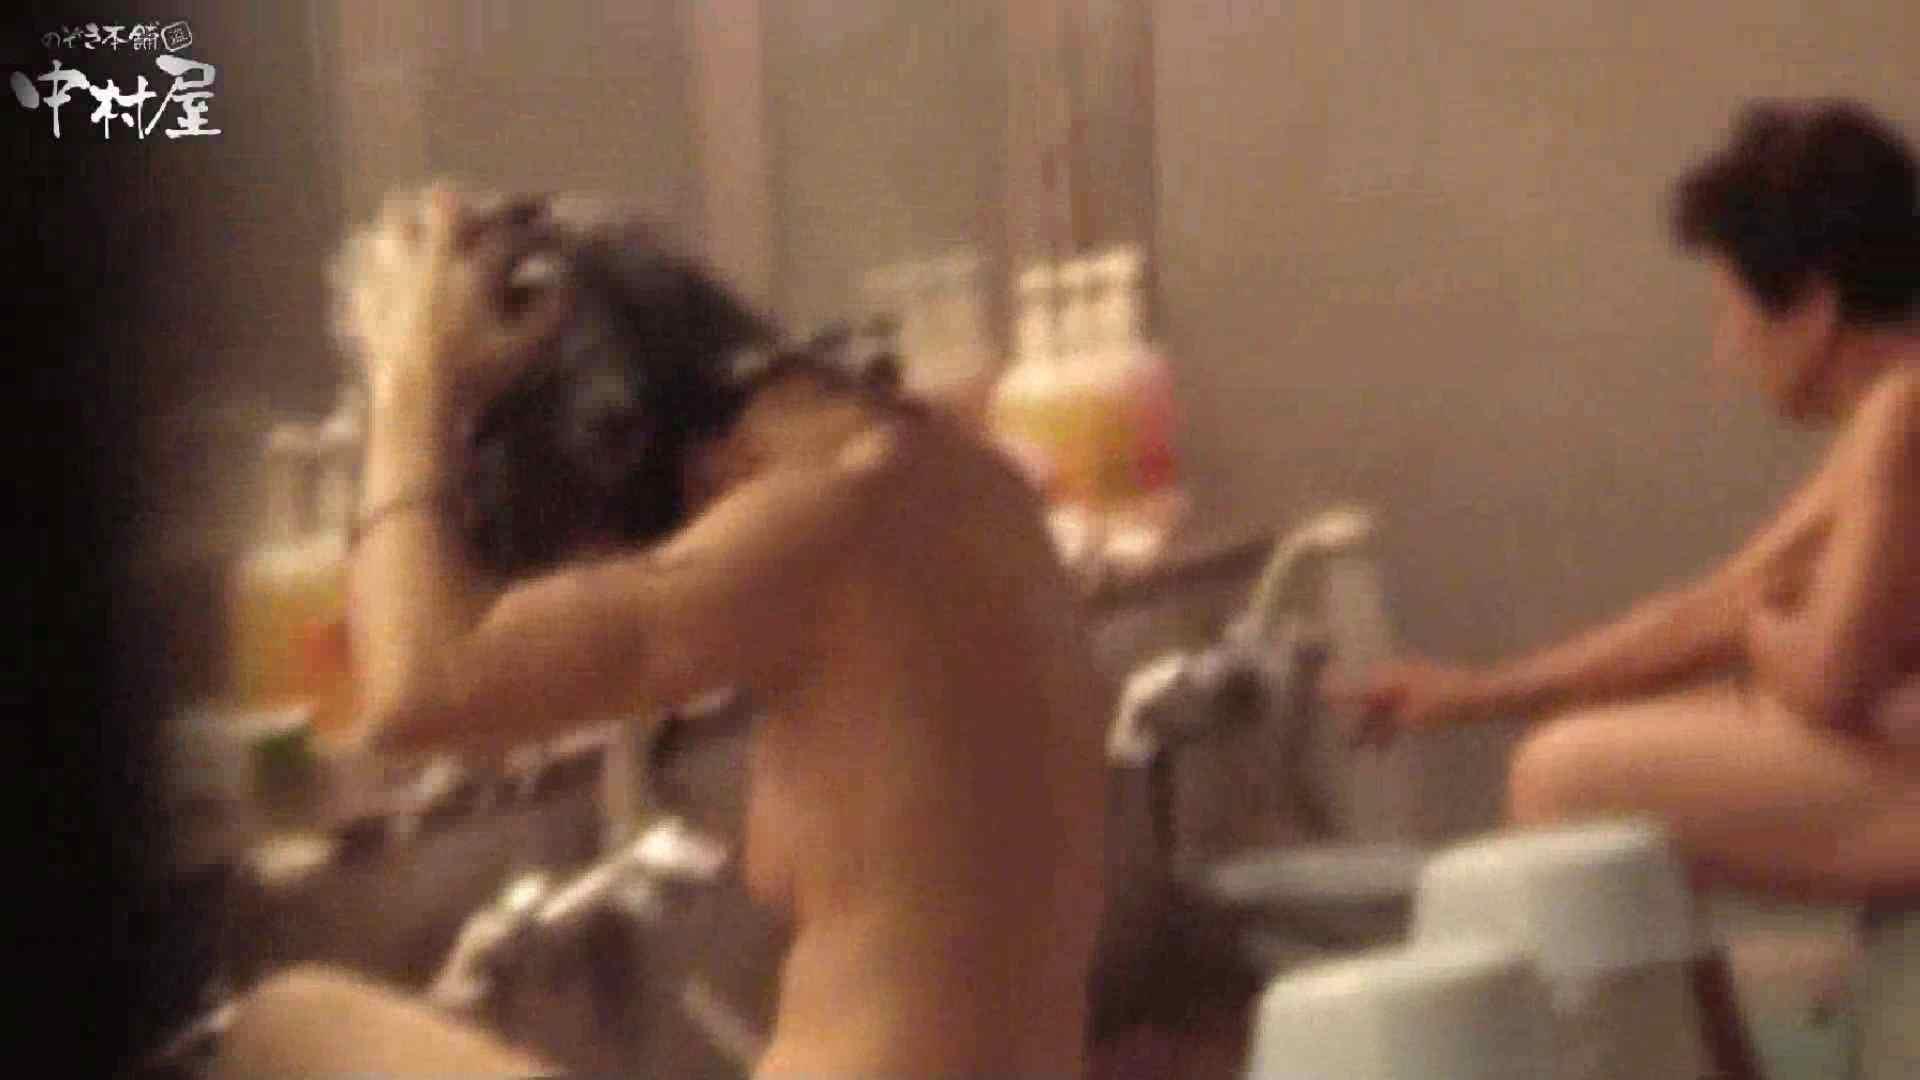 民家風呂専門盗撮師の超危険映像 vol.009 OLセックス | 盗撮  104画像 31